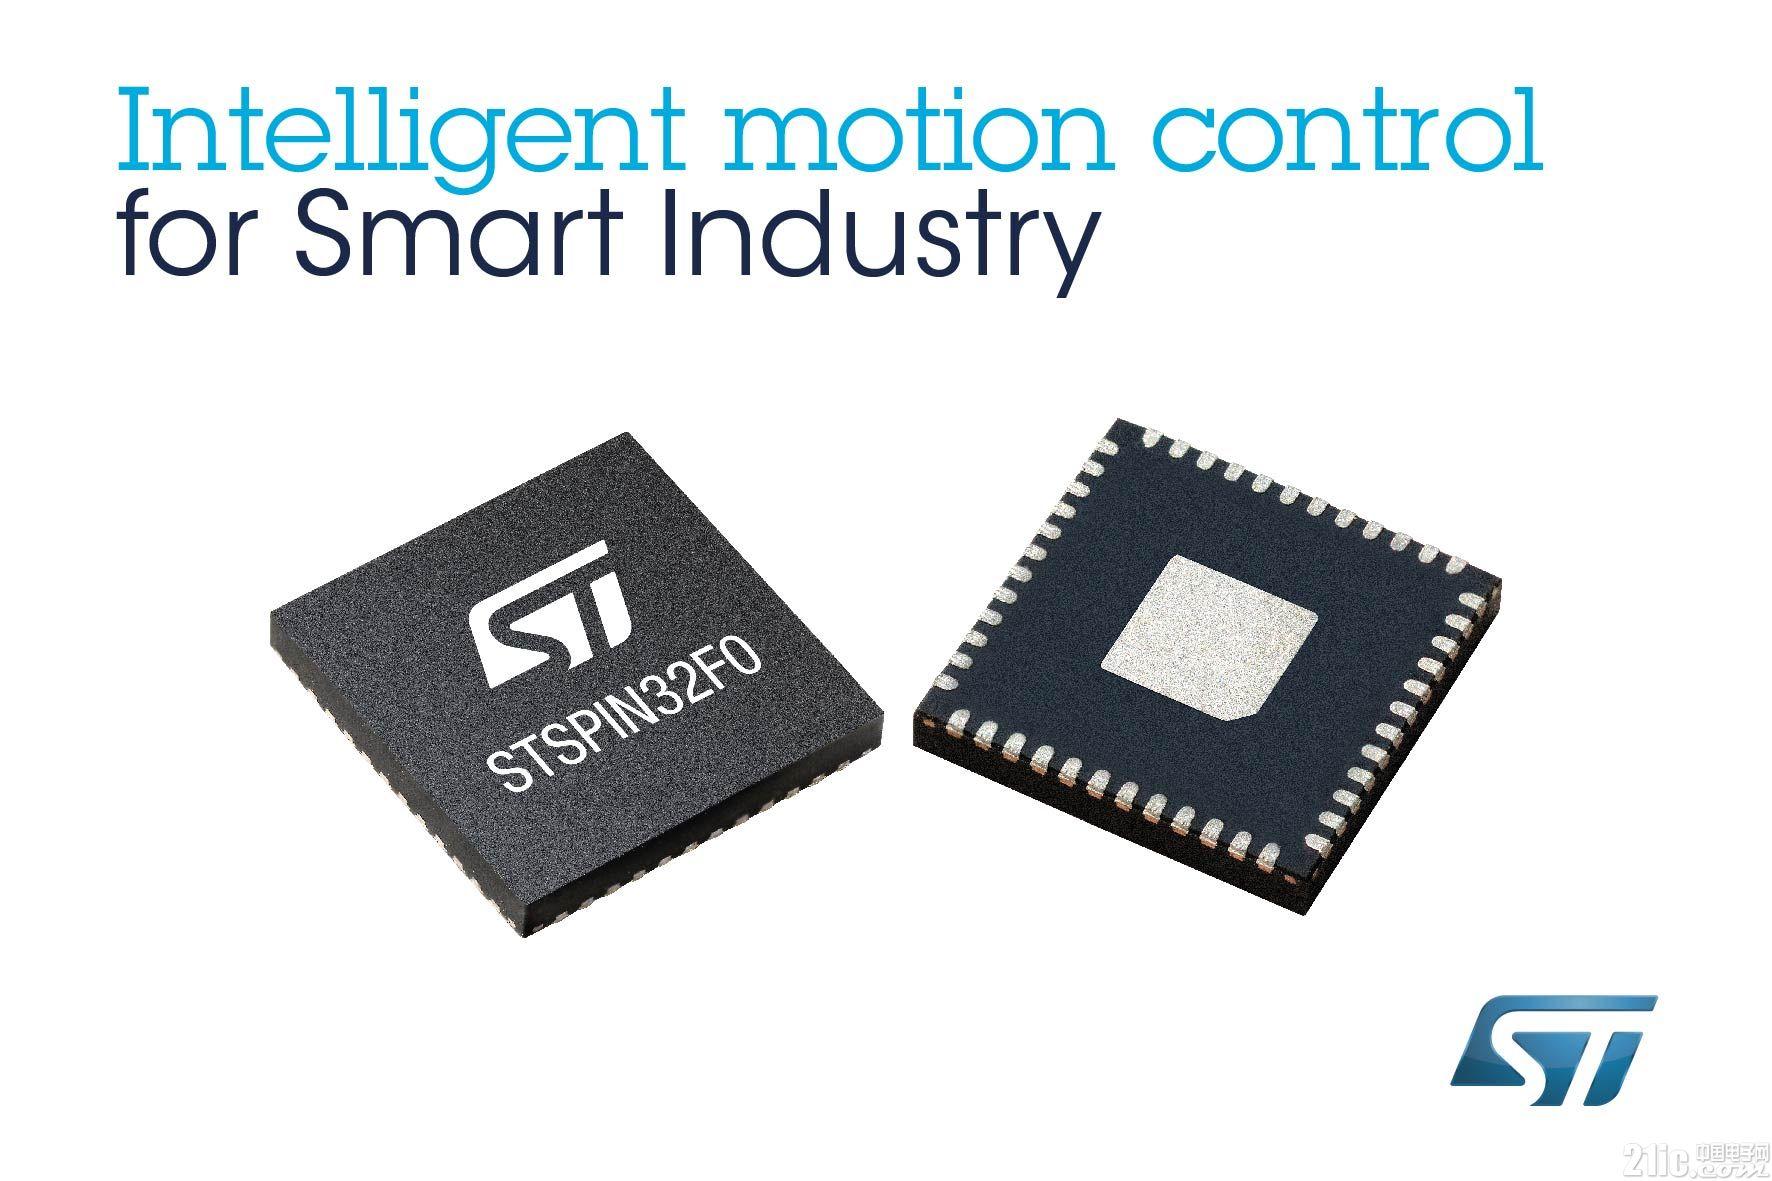 意法半导体(ST)针对智能工业和高端消费电子推出兼具高性能和简易性的智能电机控制器